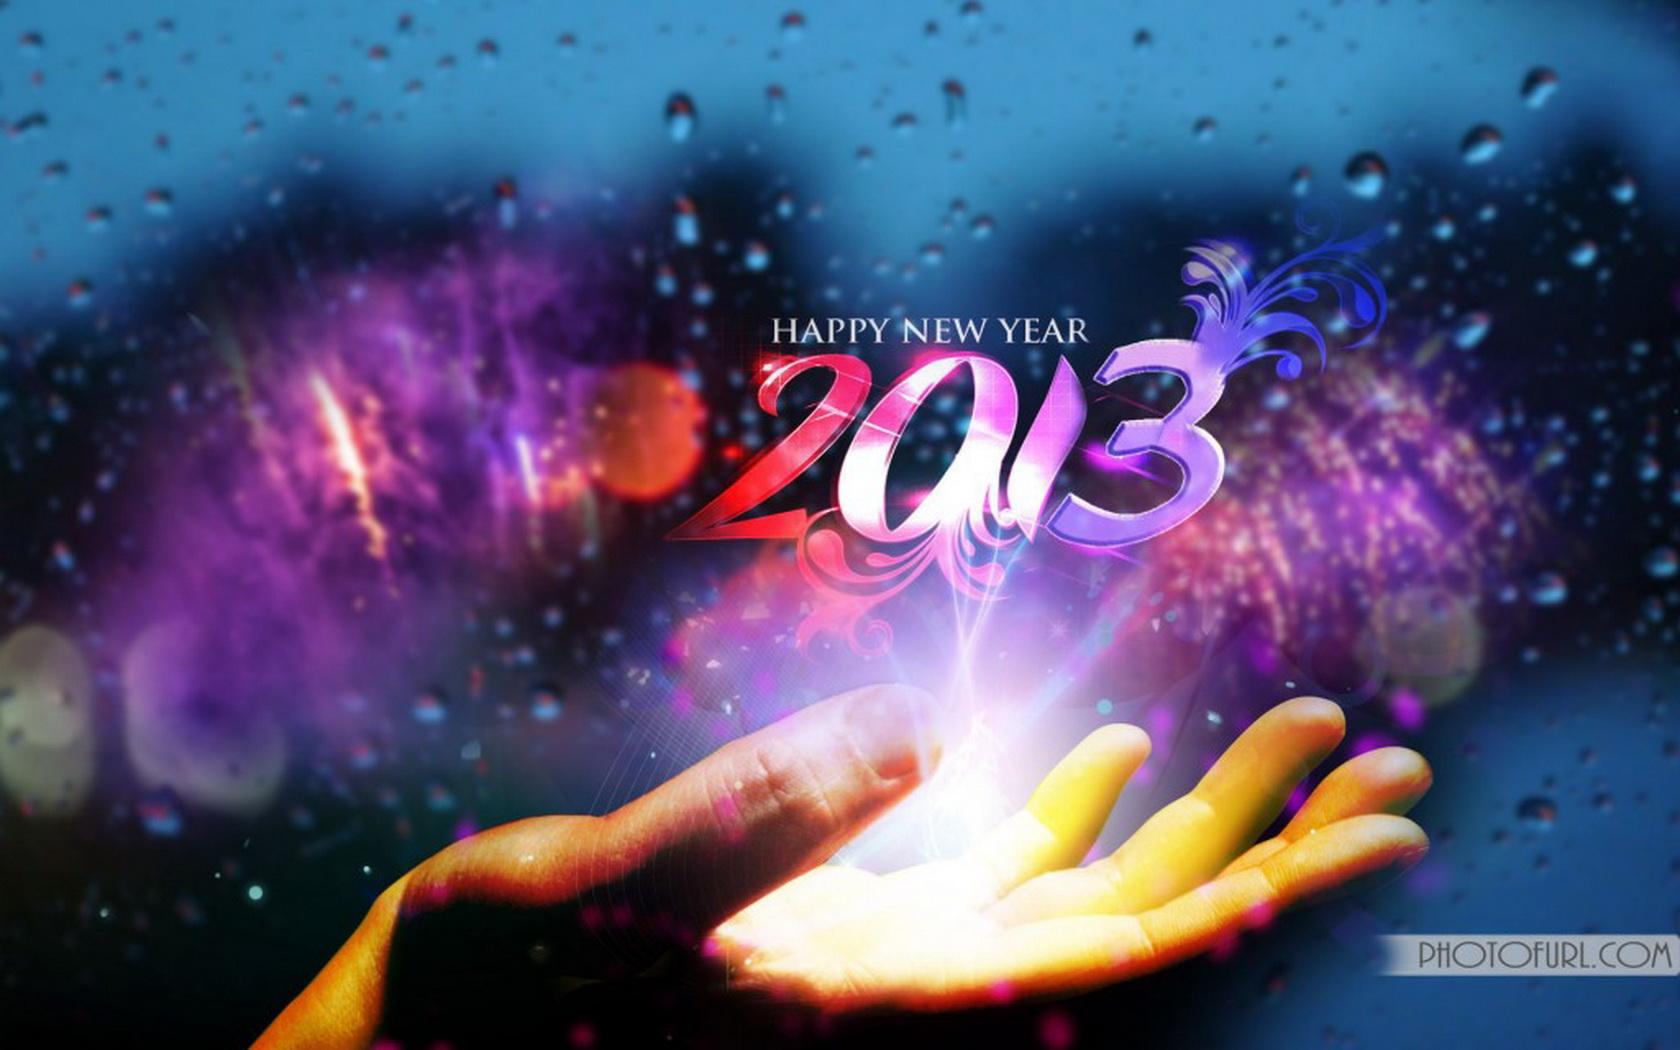 Обои для рабочего стола новый год 2013